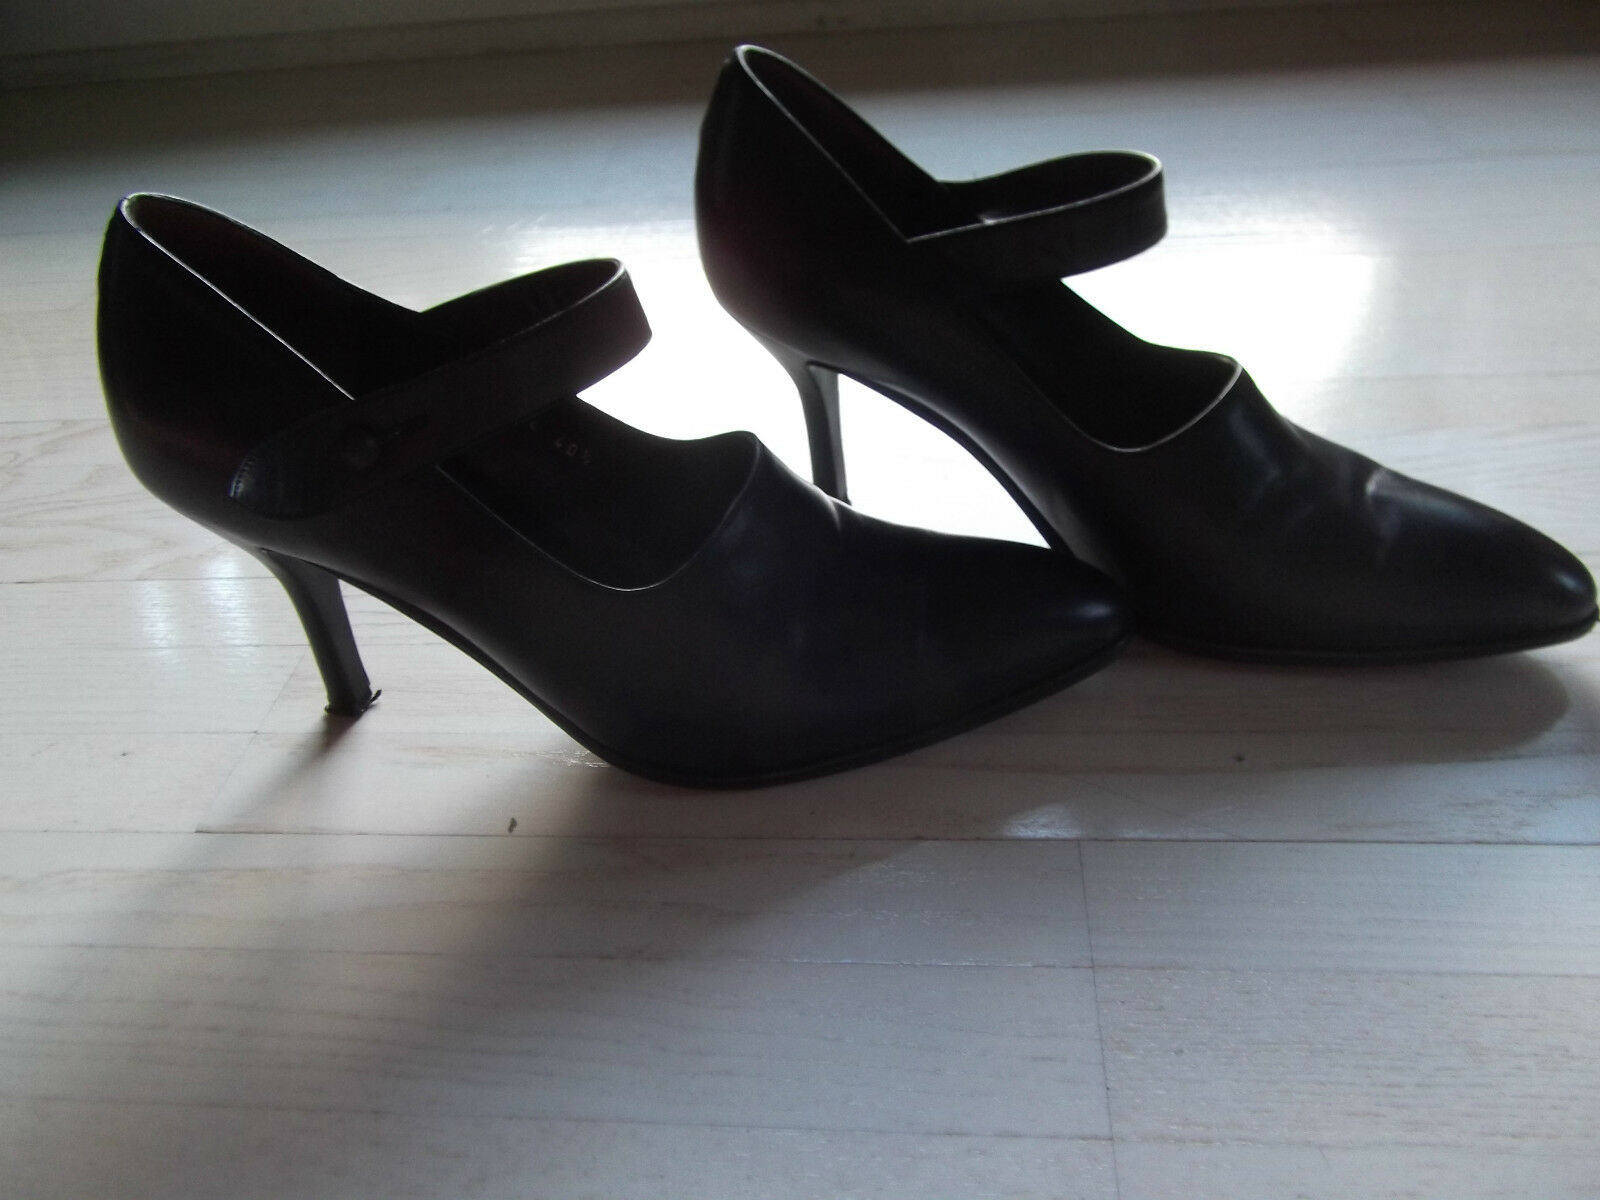 Elegante Stilettos, High Heels, Pumps, von JOOP , schwarz, Gr. 40,5, Handarbeit